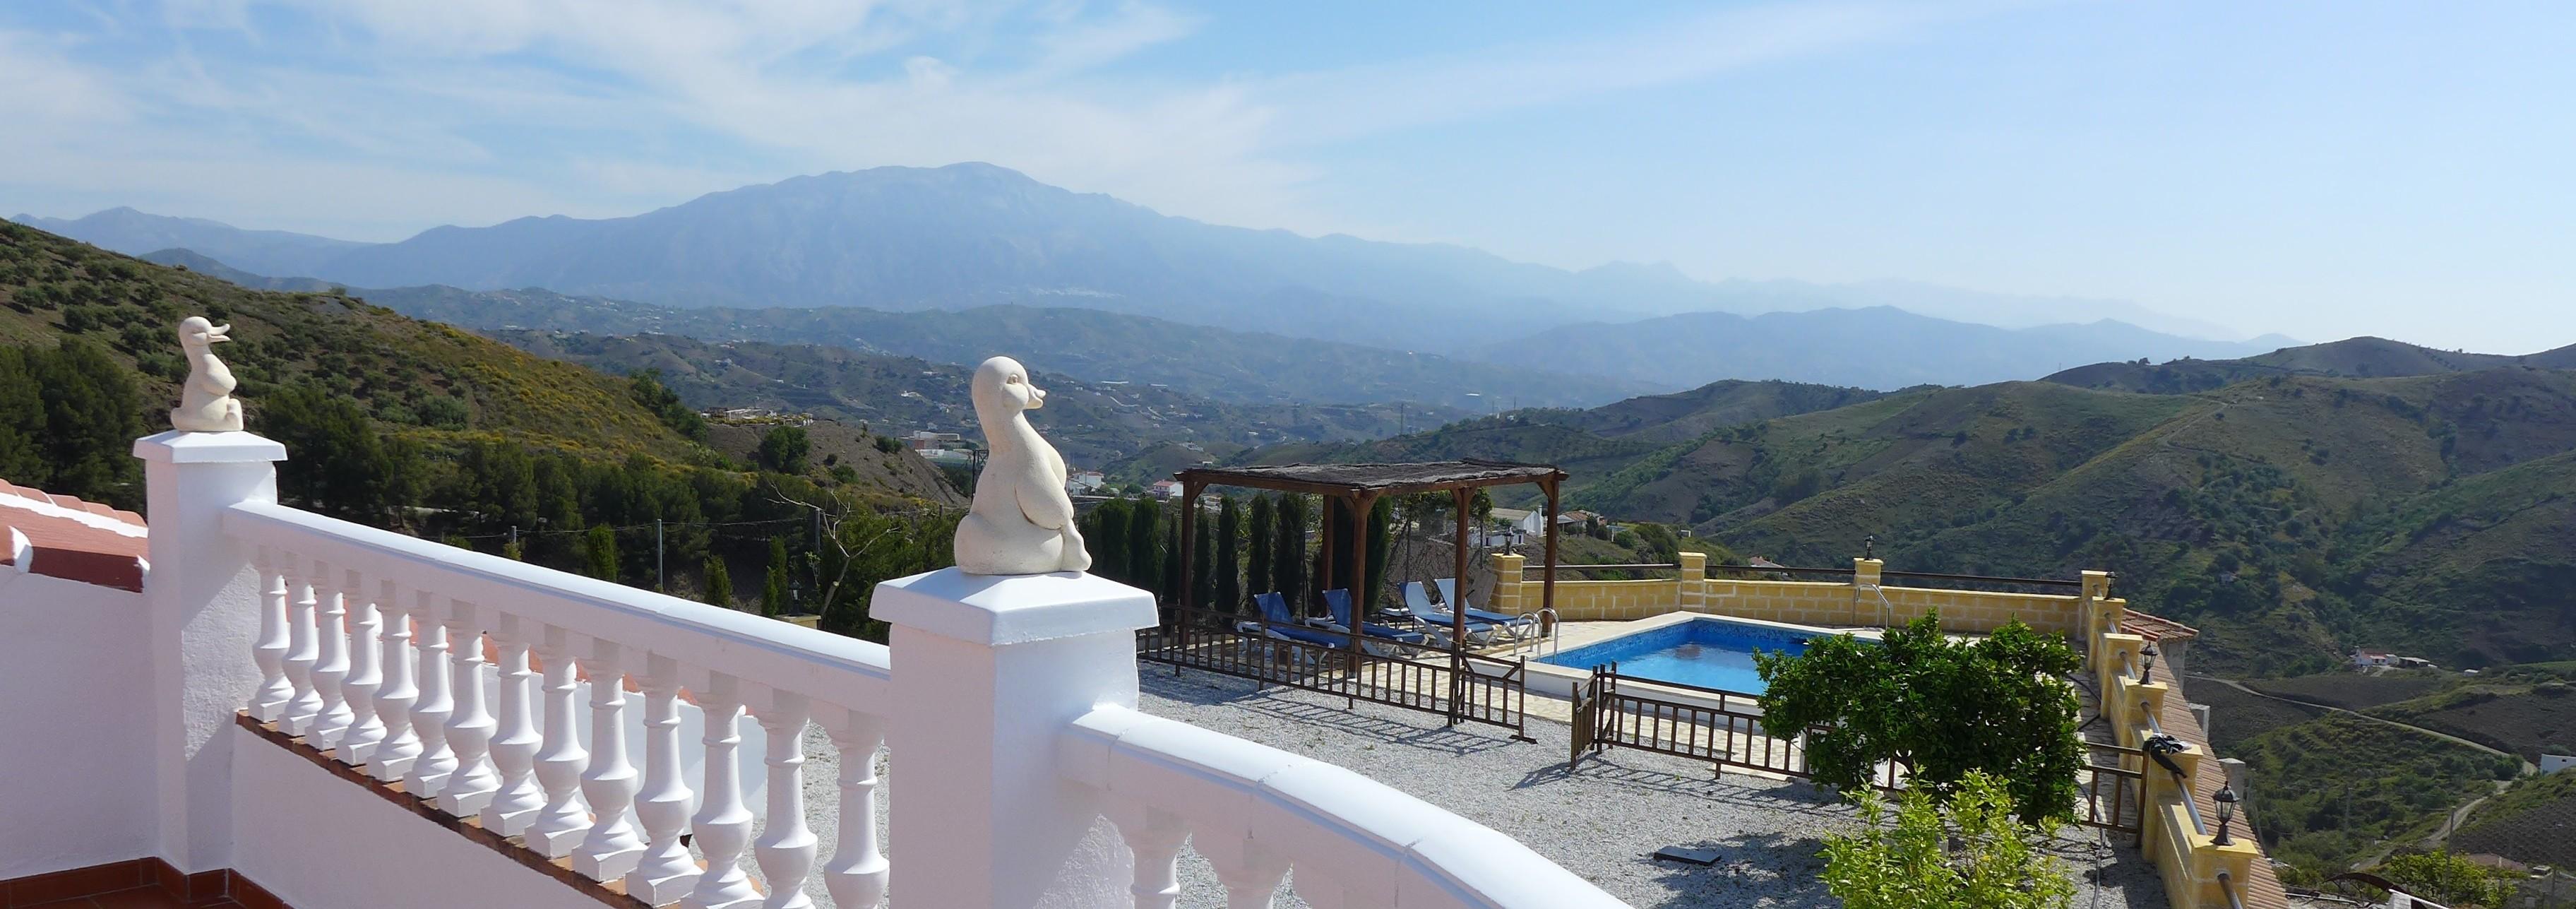 Villa Andalusie Zuid Spanje met zwembad en geweldig uitzicht